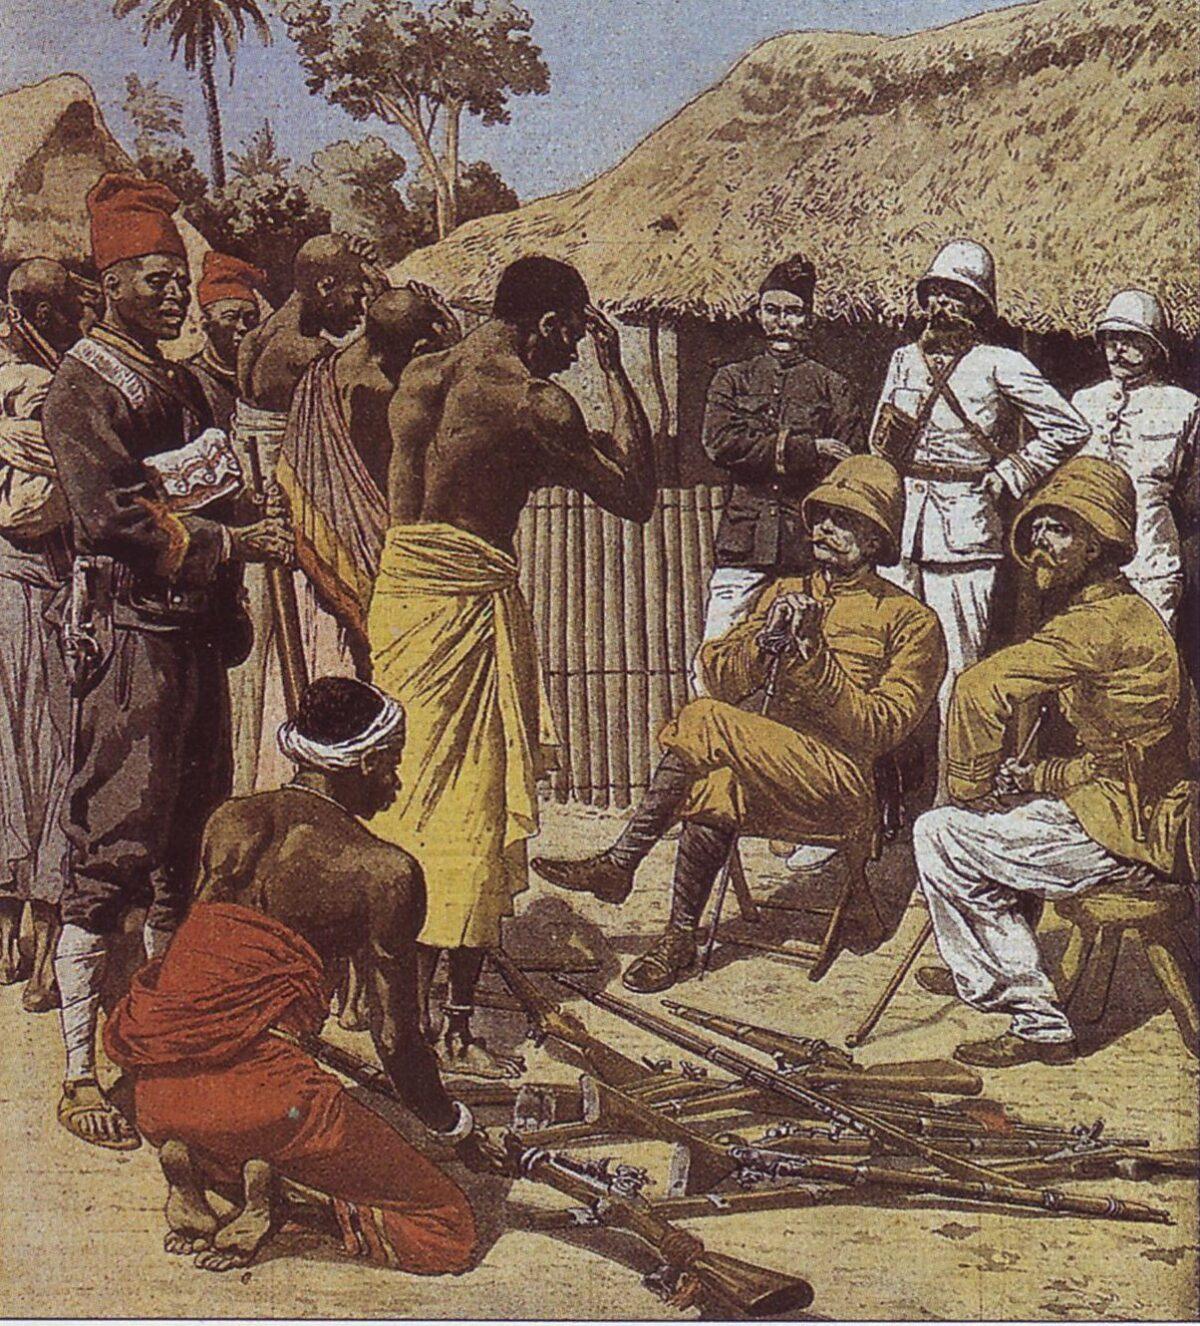 Une politique occidentale néocolonialiste sur l'Afrique désavantageuse aussi bien pour les africains que pour les occidentaux